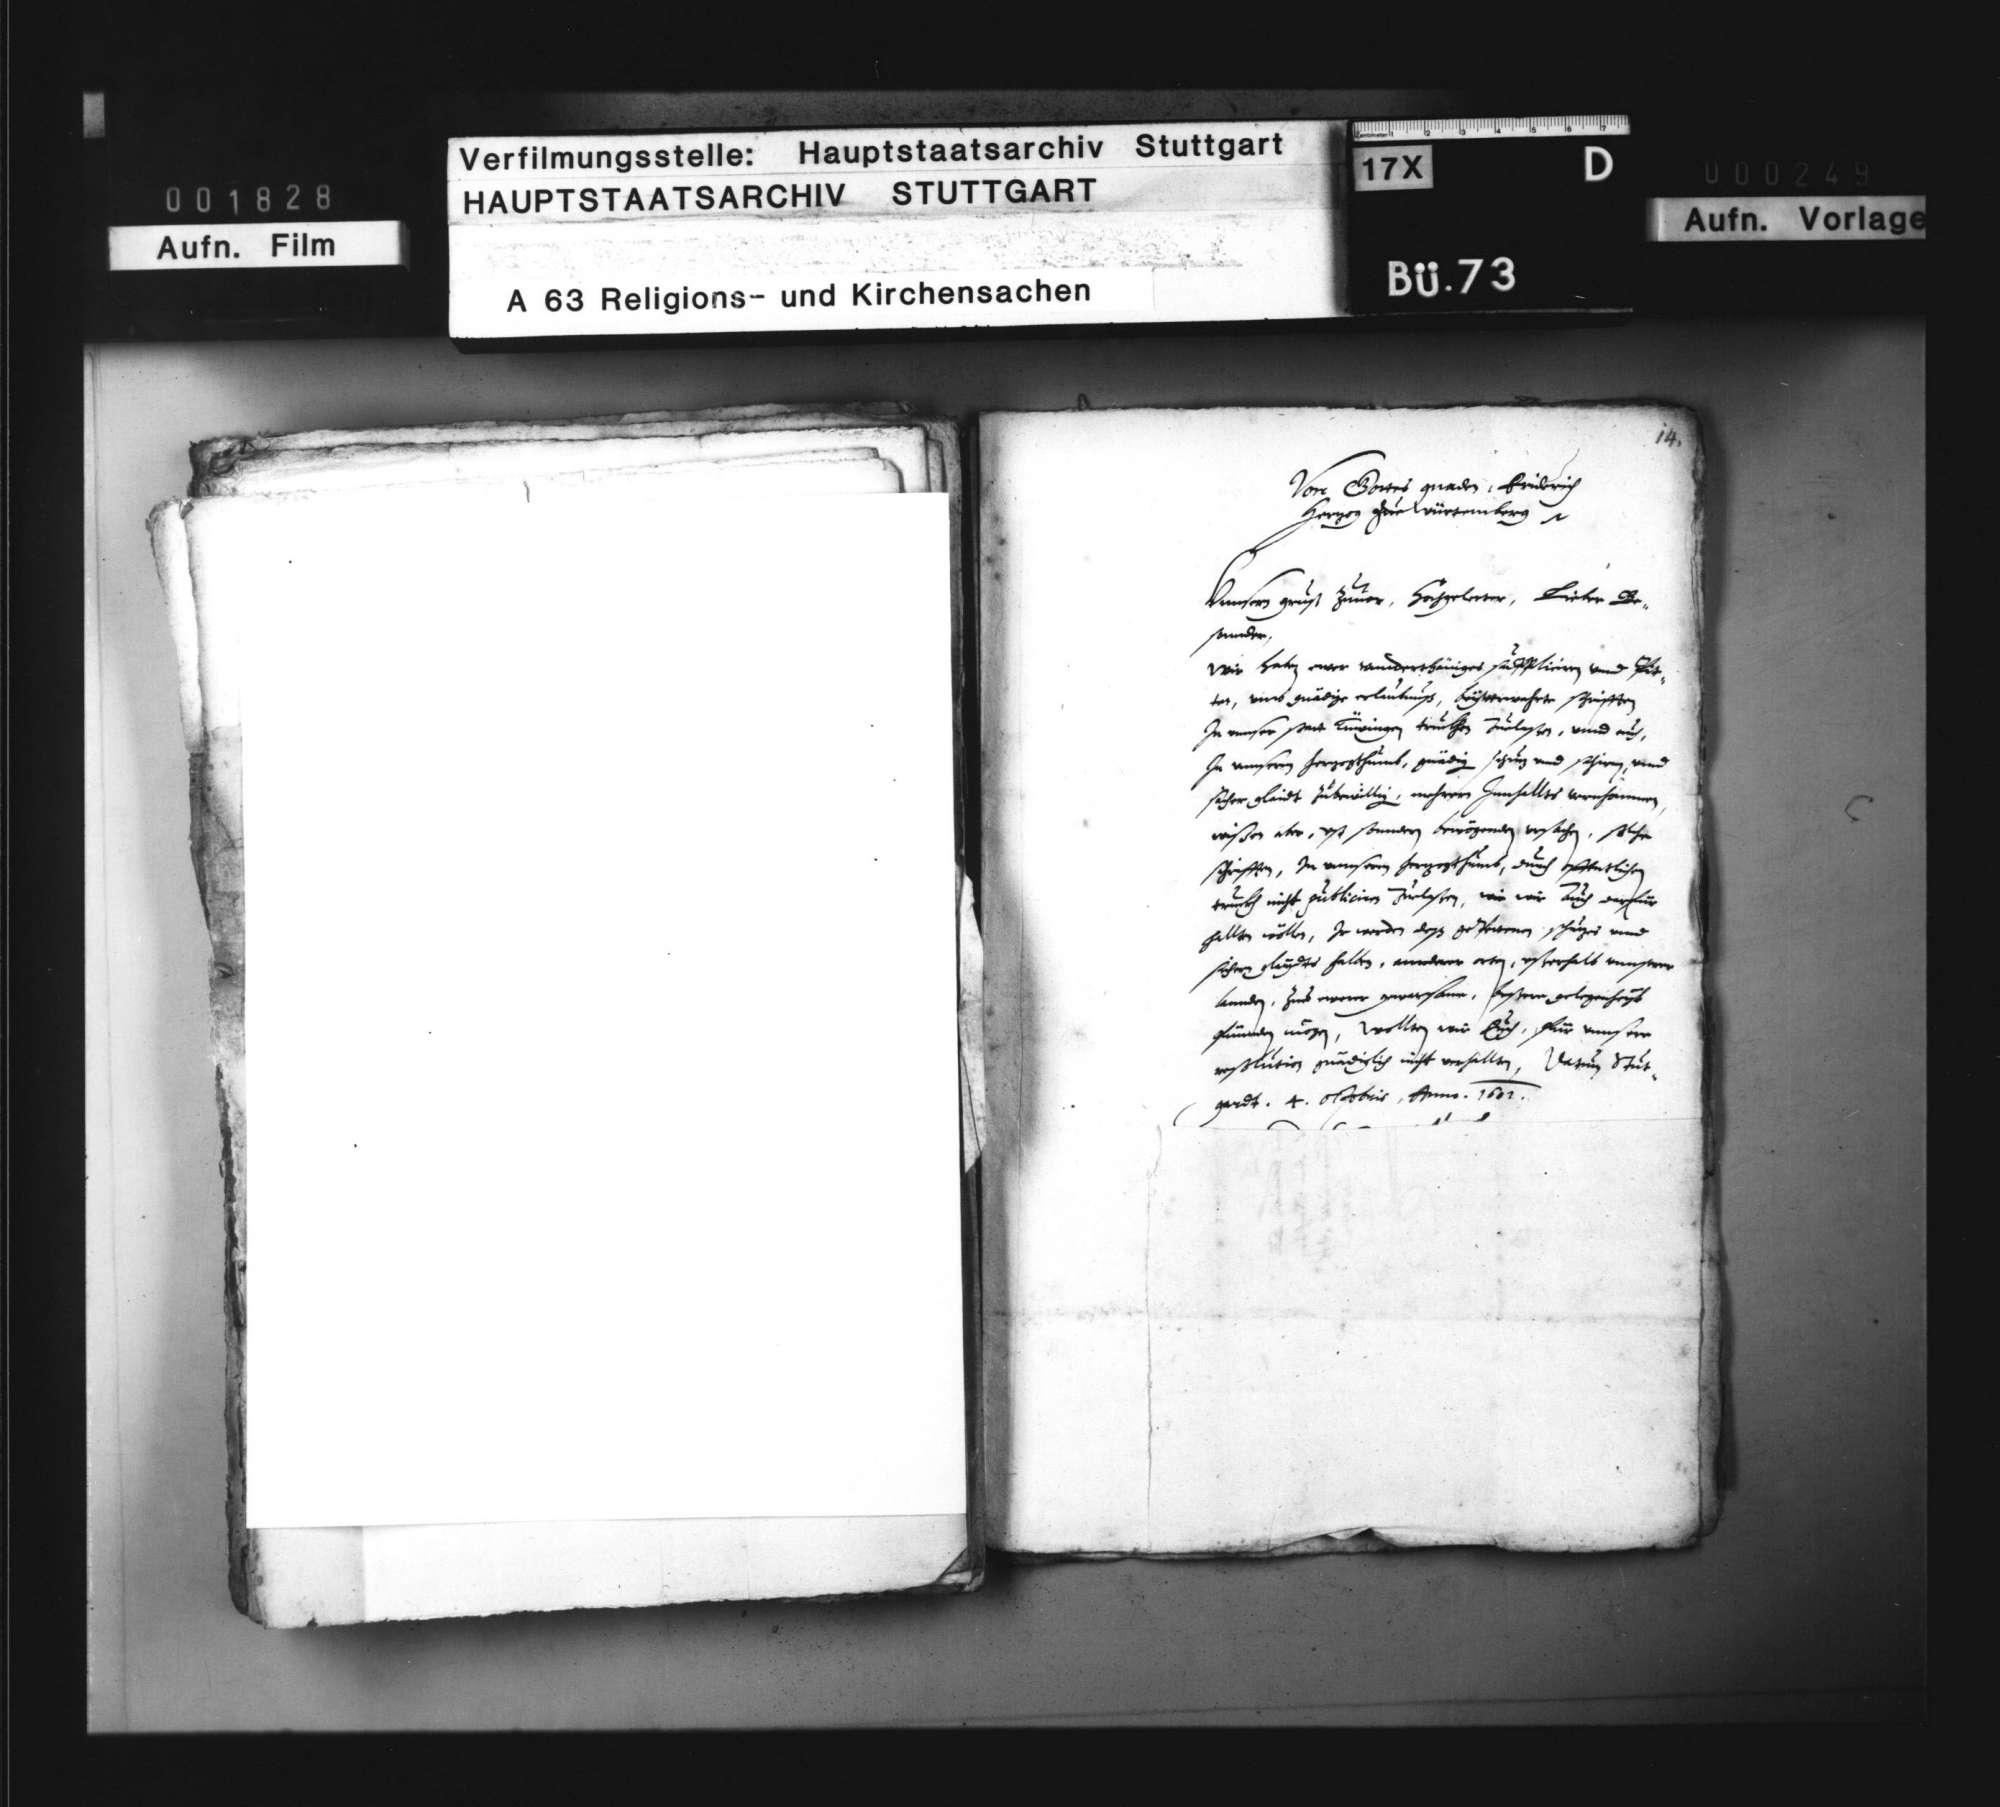 Korrespondenz bzw. Vorschläge zur Abfassung einer Schrift gegen die von Markgraf Ernst Friedrich beabsichtigte Einführung des Calvinismus., Bild 2